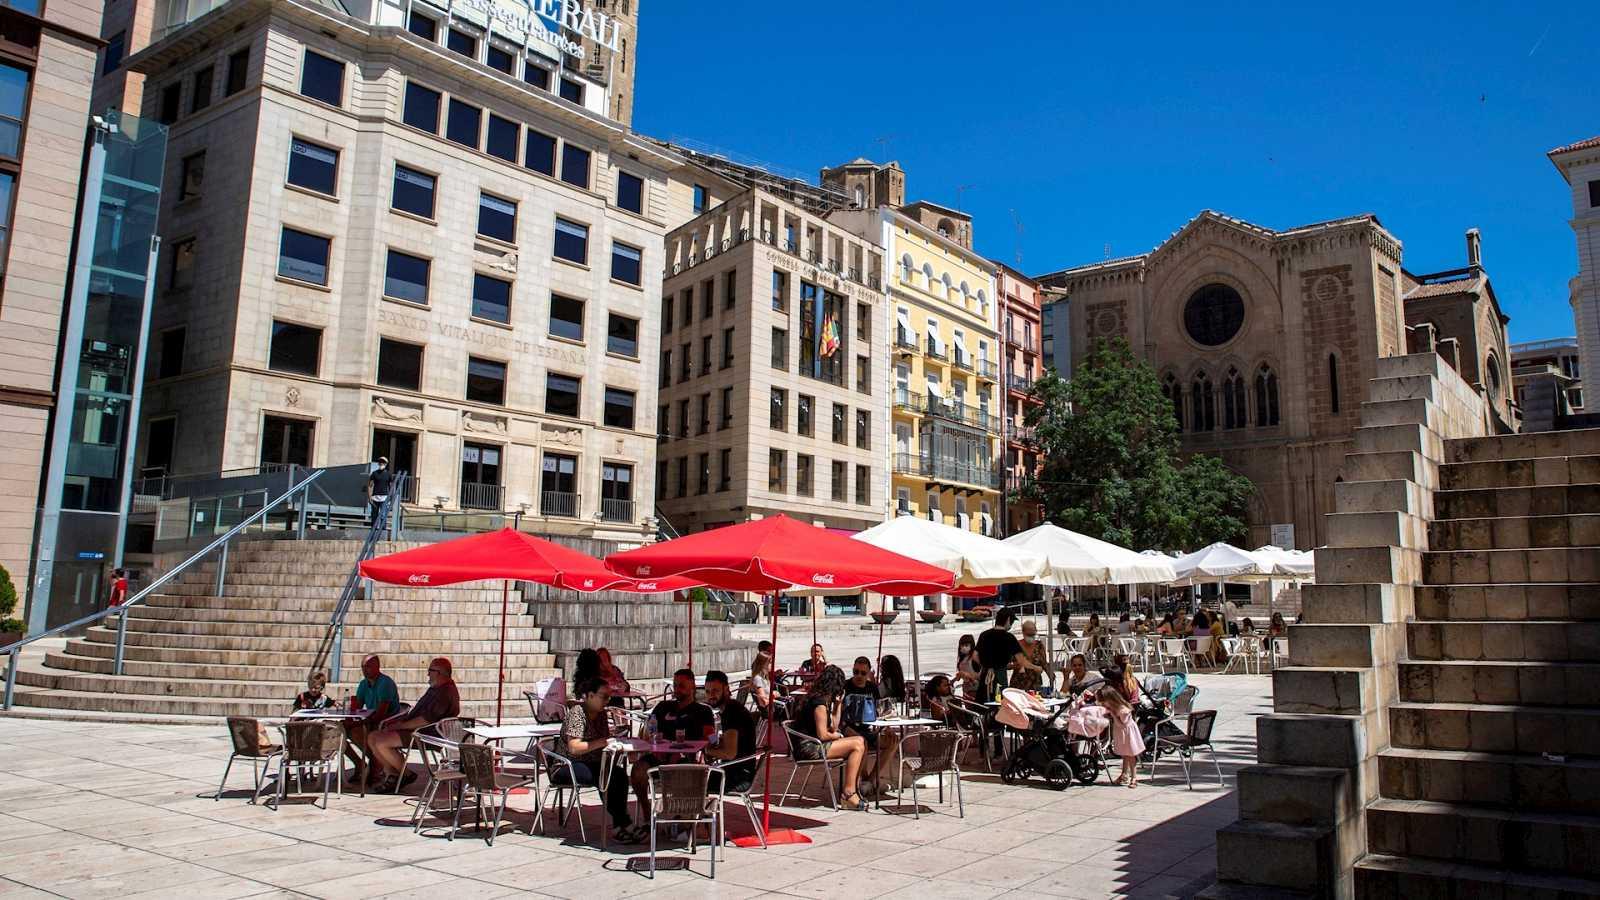 14 horas Fin de Semana - El Govern suspende las visitas a las residencias y restringe la movilidad en Lleida y la comarca del Segrià - Escuchar ahora